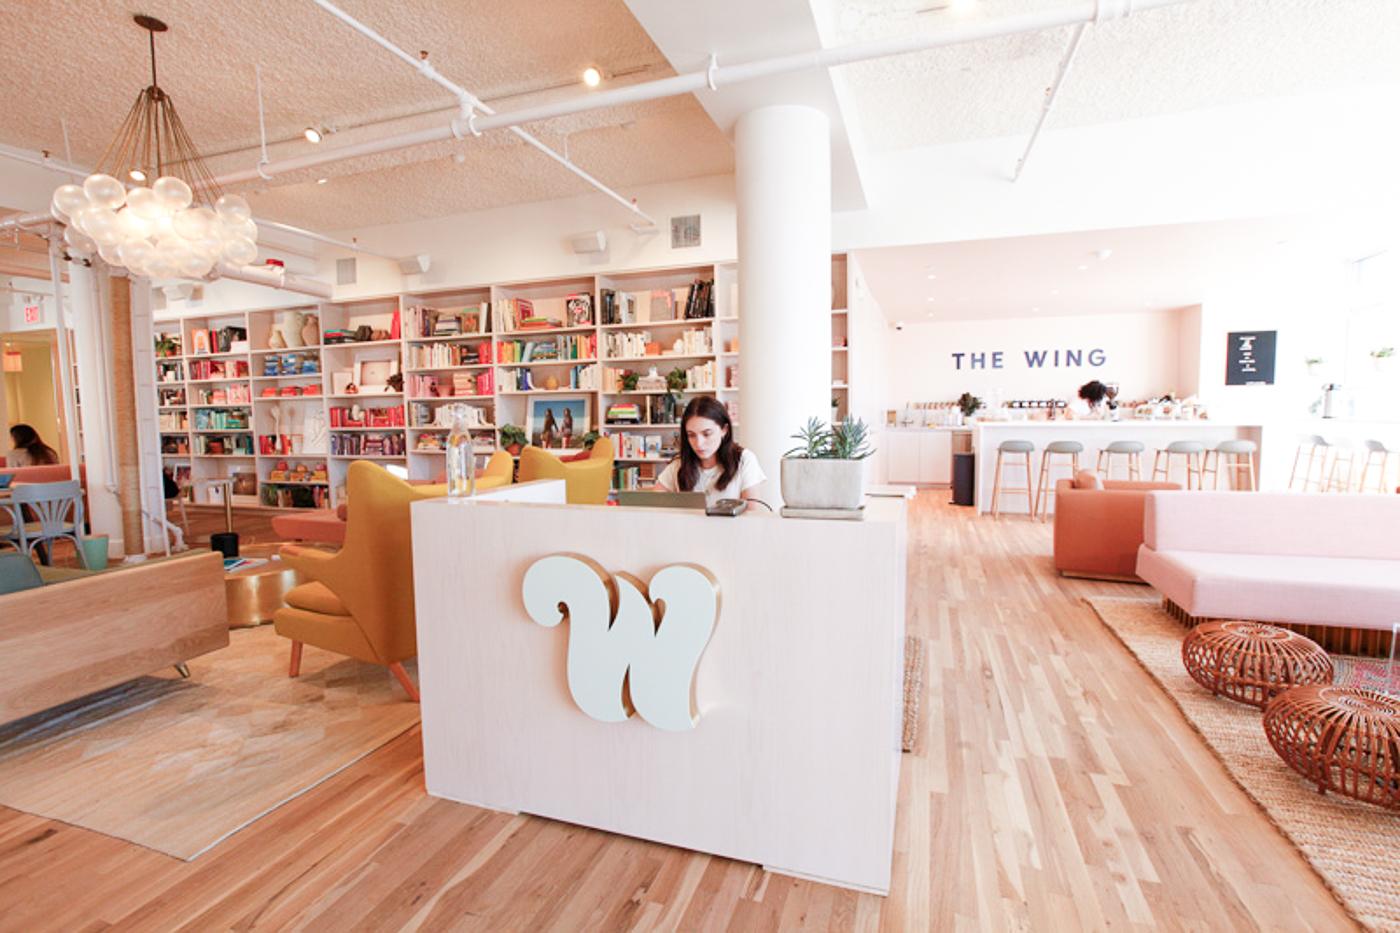 Réception de l'espace de coworking The Wing à New York : réceptionniste et bureau marqué d'un W